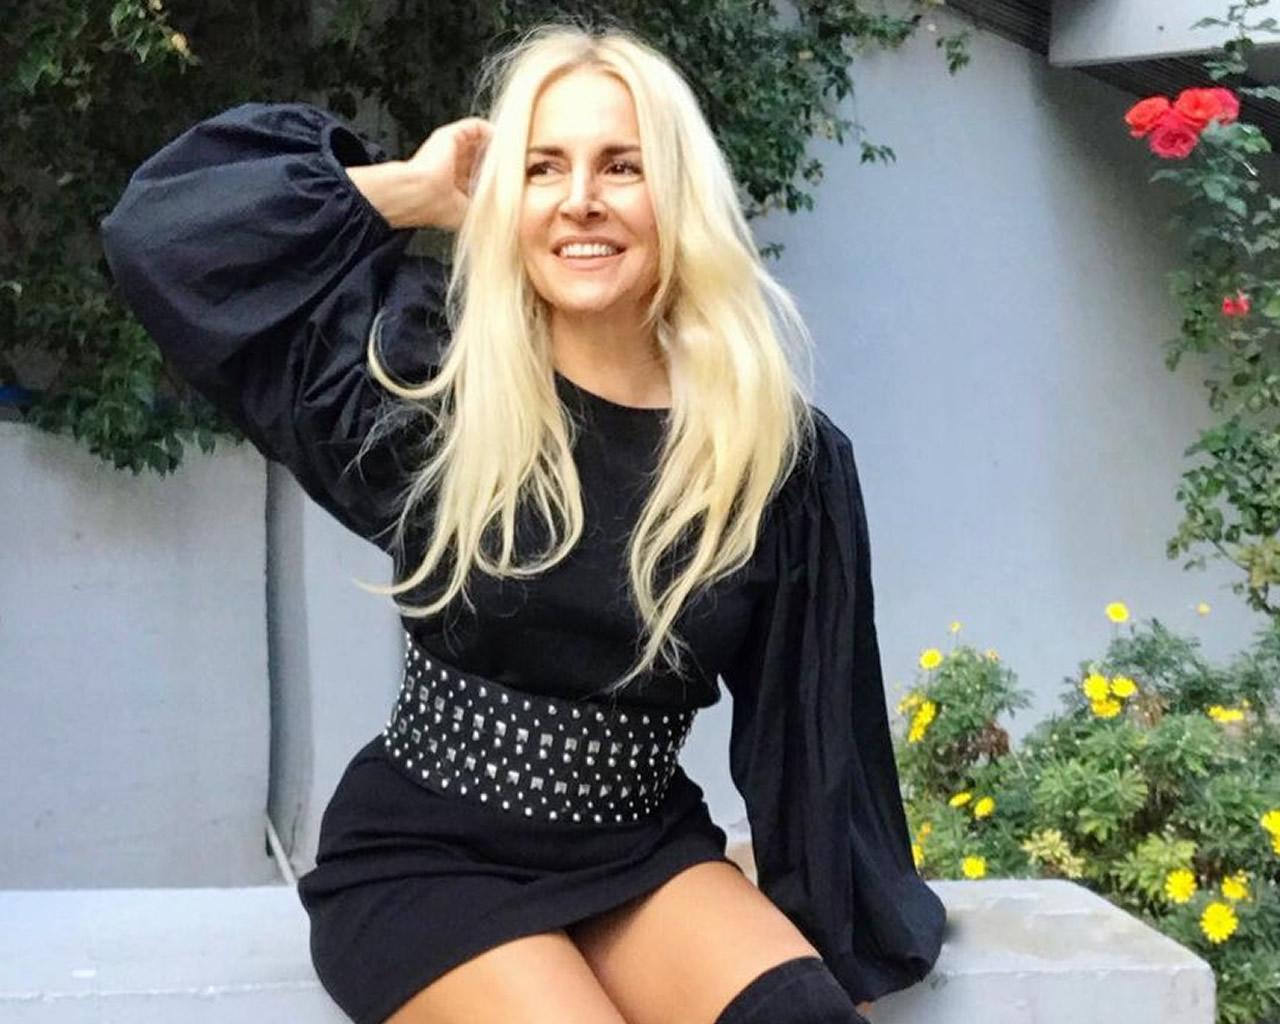 Μαρία Ανδρούτσου: Η Ξανθίππη του «50-50» κάνει γενέθλια στην παραλία Νοέμβρη μήνα